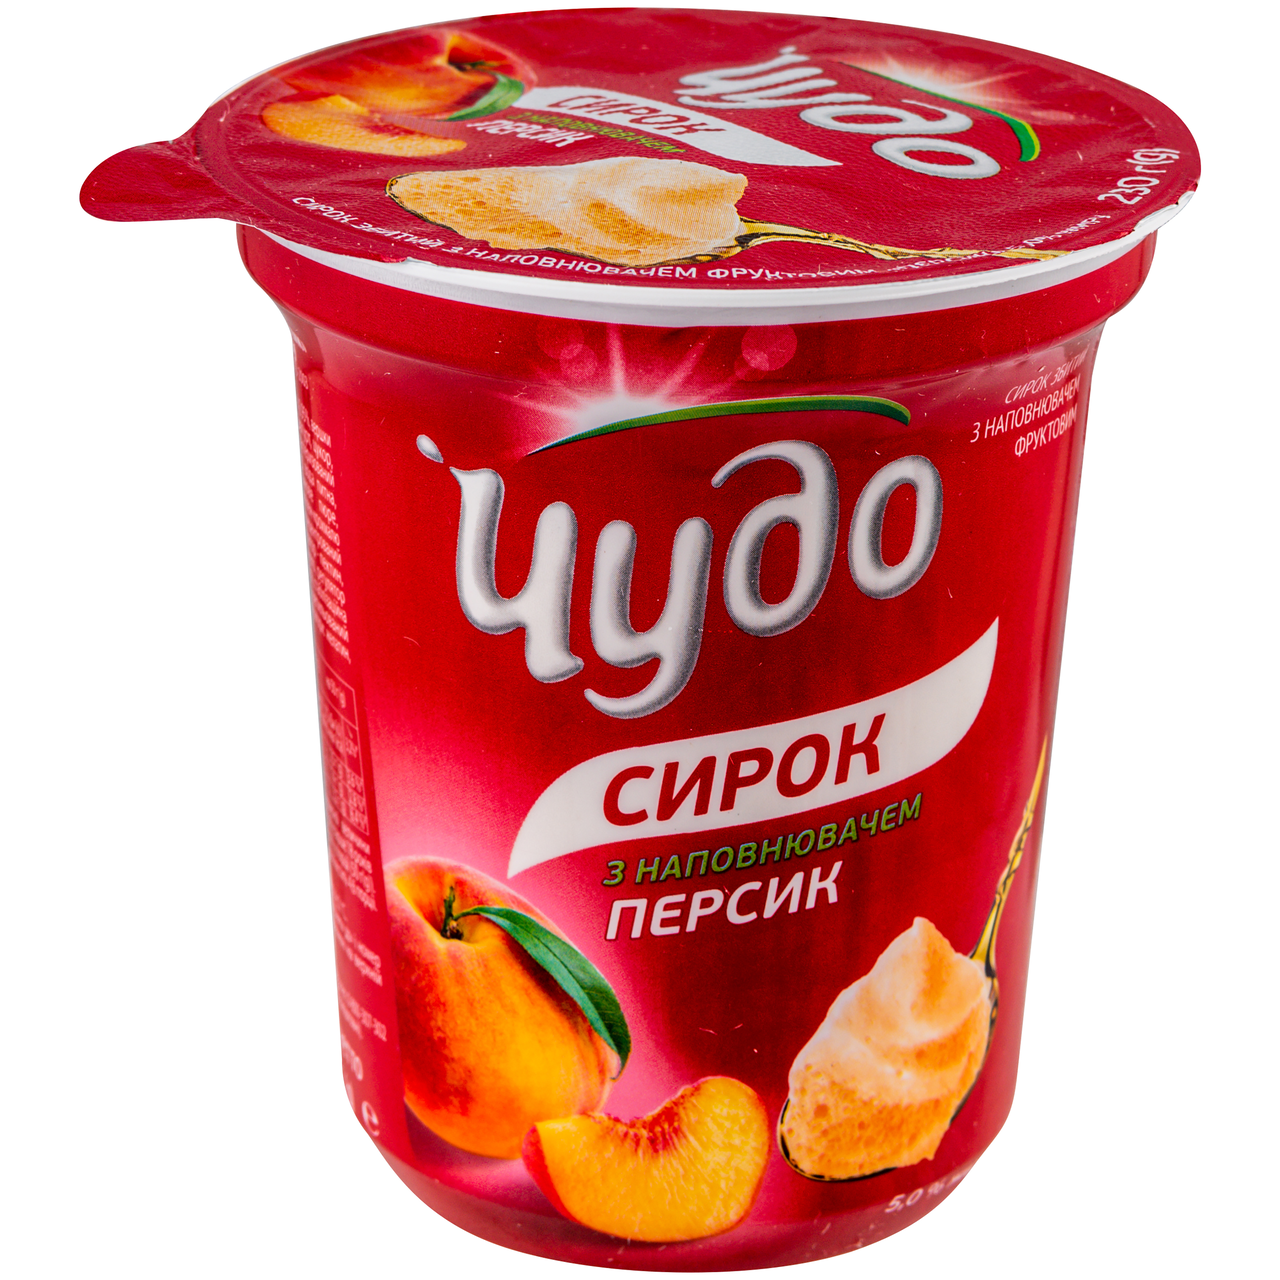 Сирок Чудо персик 5% 230г